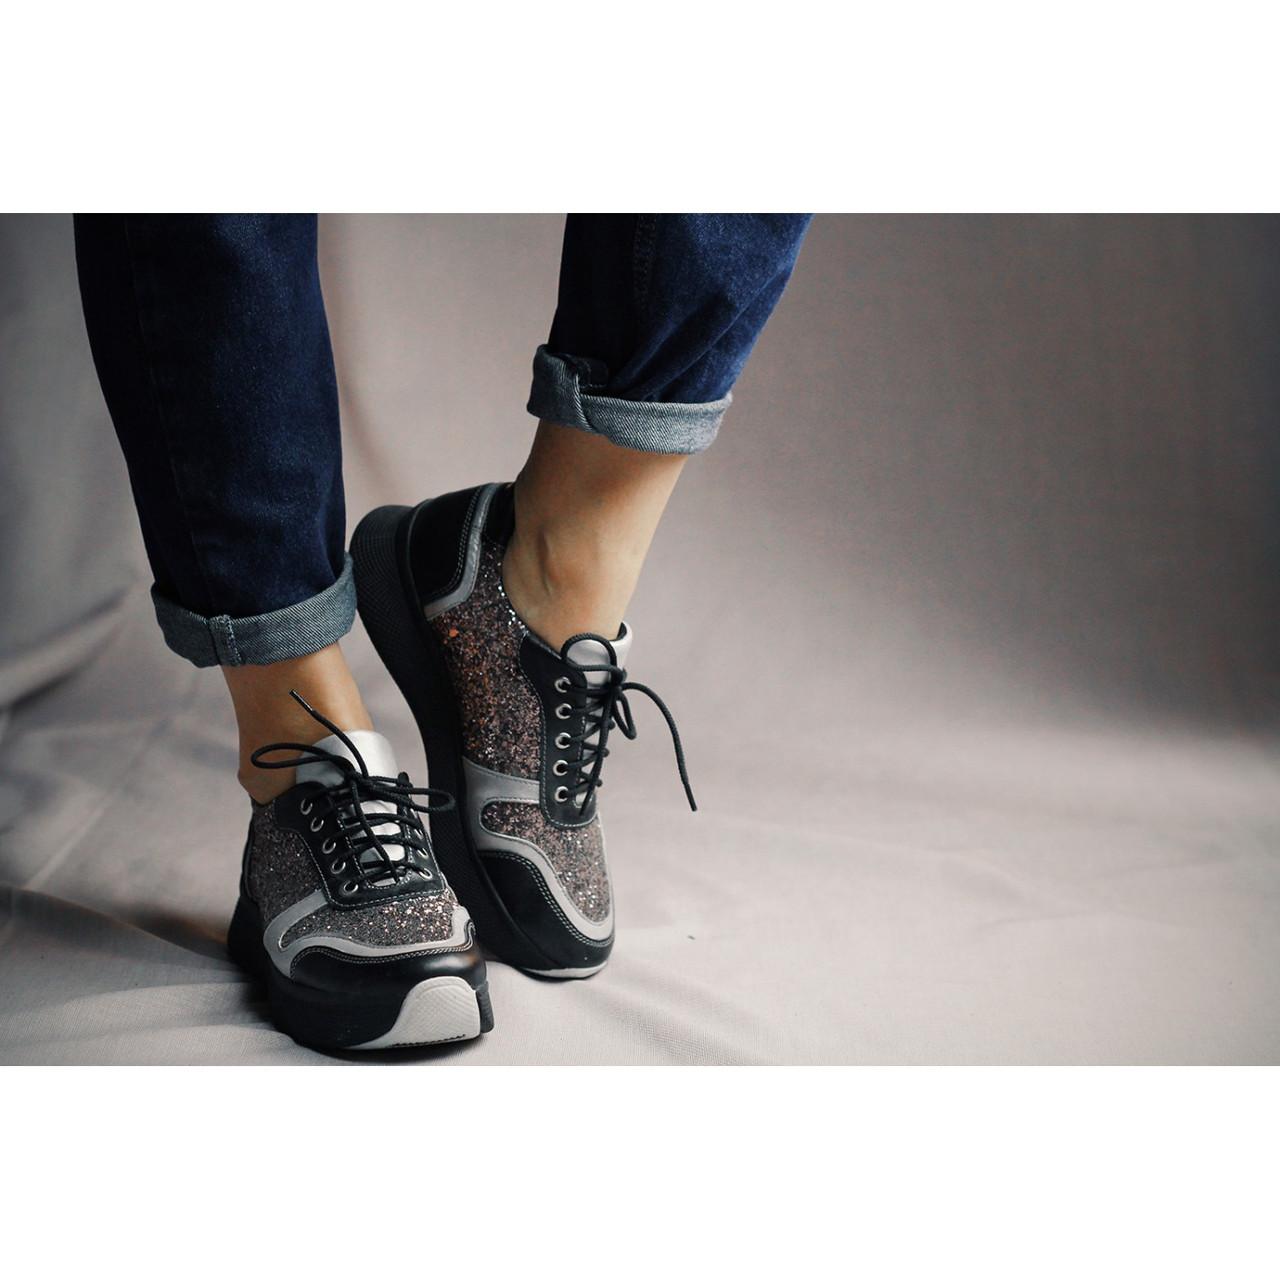 440e733e Блестящие кроссовки на высокой подошве - Интернет магазин женской обуви